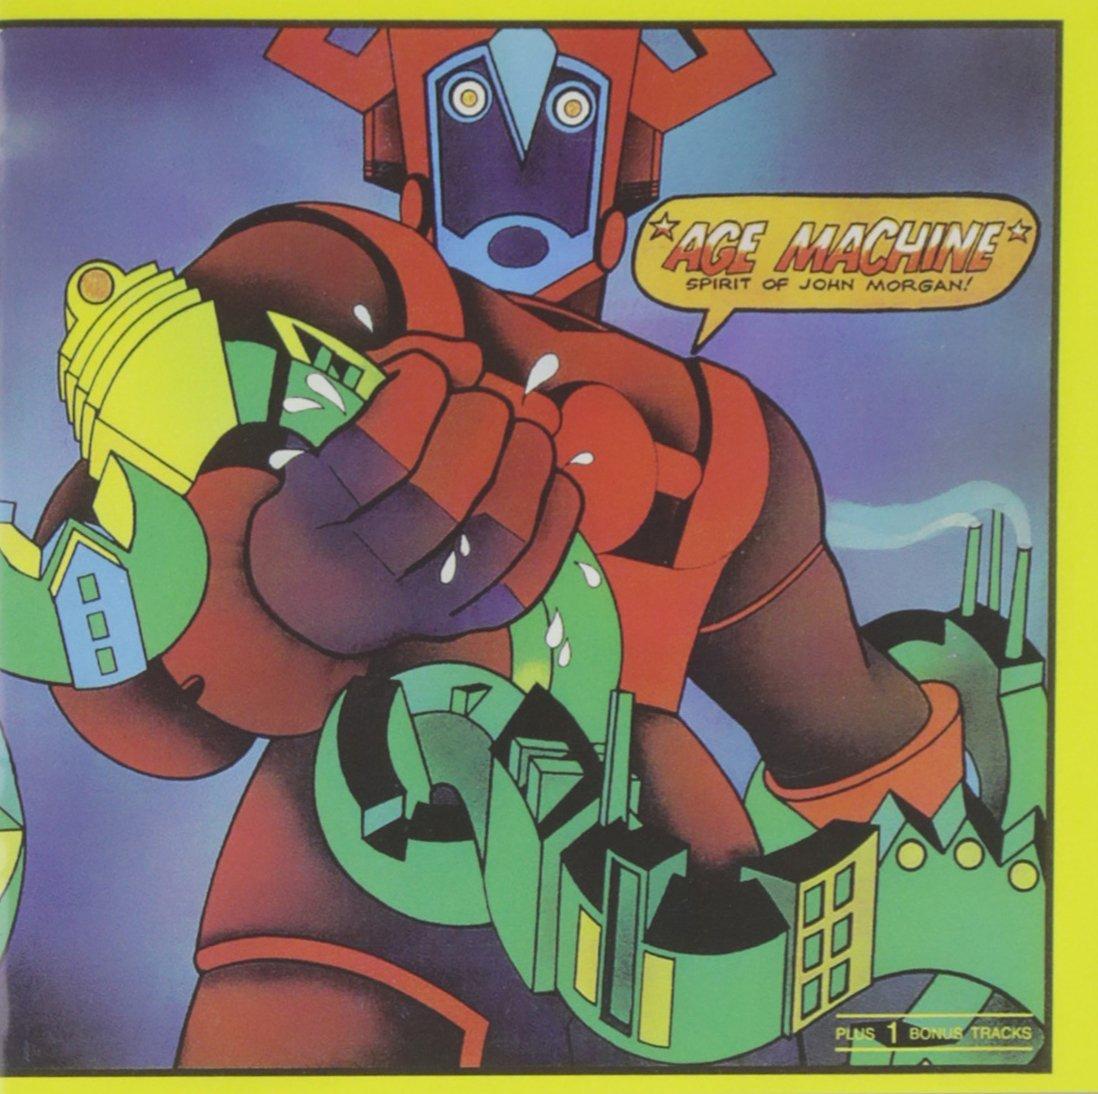 SPIRIT OF JOHN MORGAN - Age Machine - CD